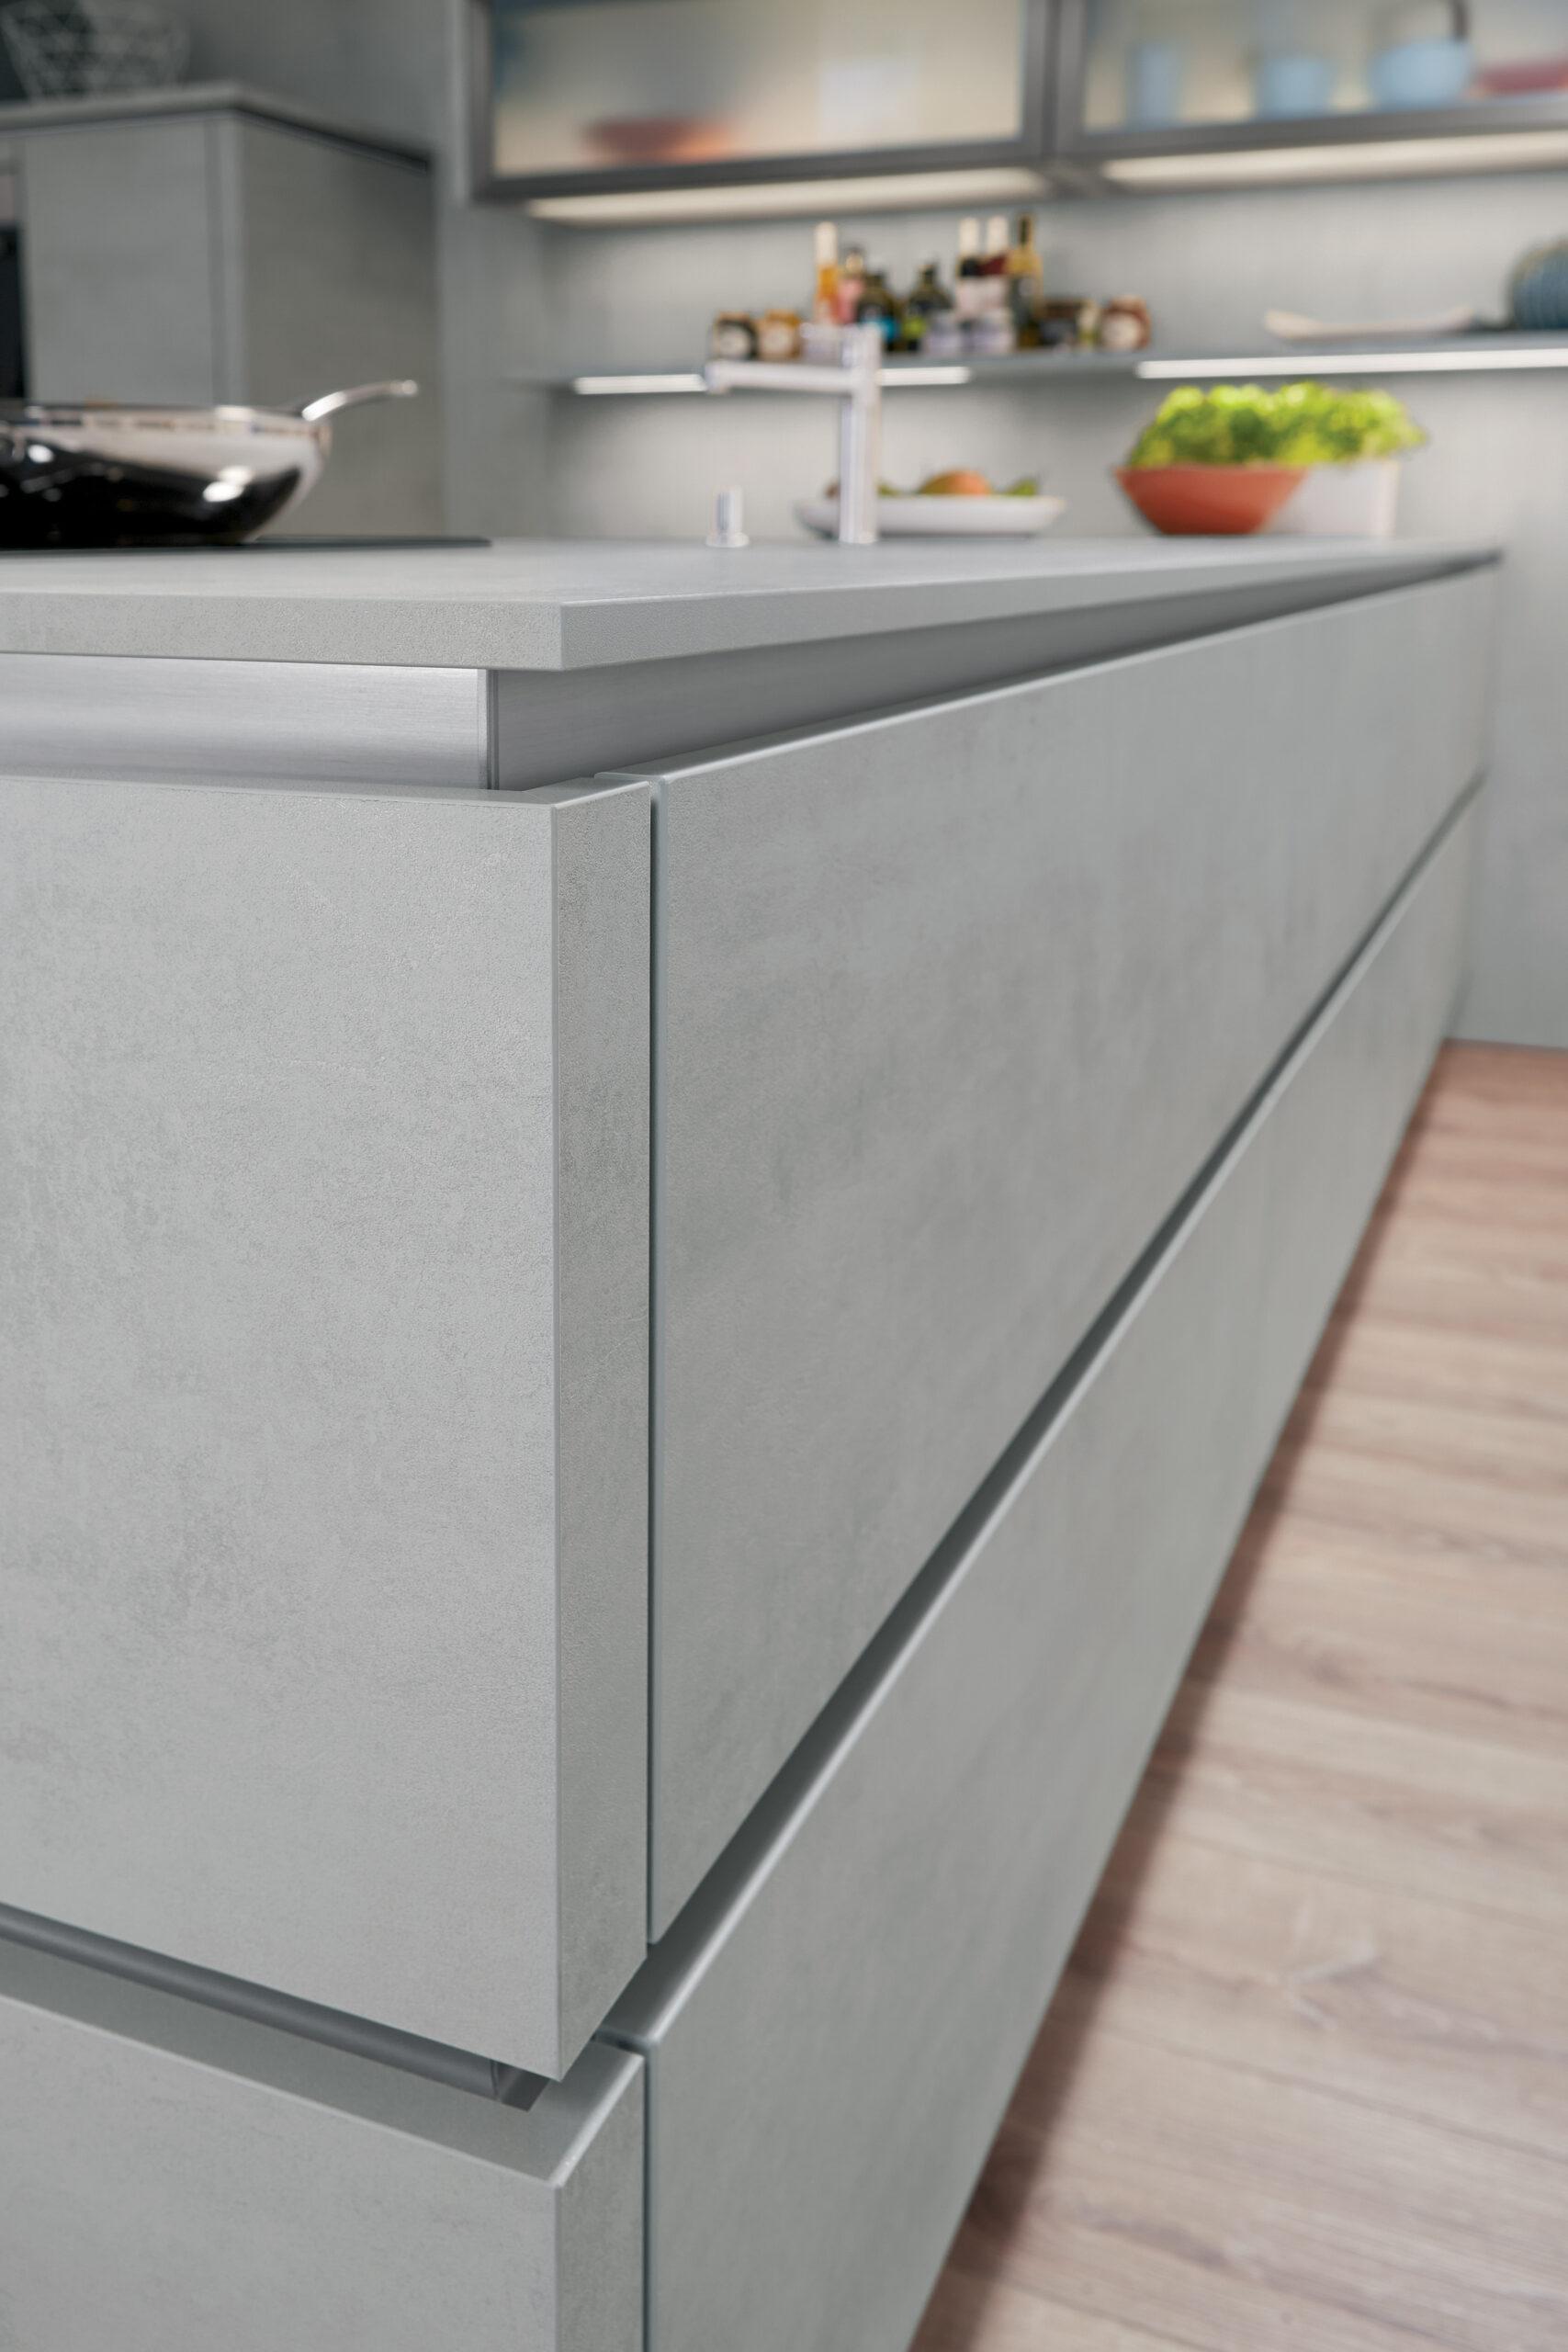 Full Size of Java Schiefer Arbeitsplatte Nolte Küche Arbeitsplatten Sideboard Mit Wohnzimmer Java Schiefer Arbeitsplatte